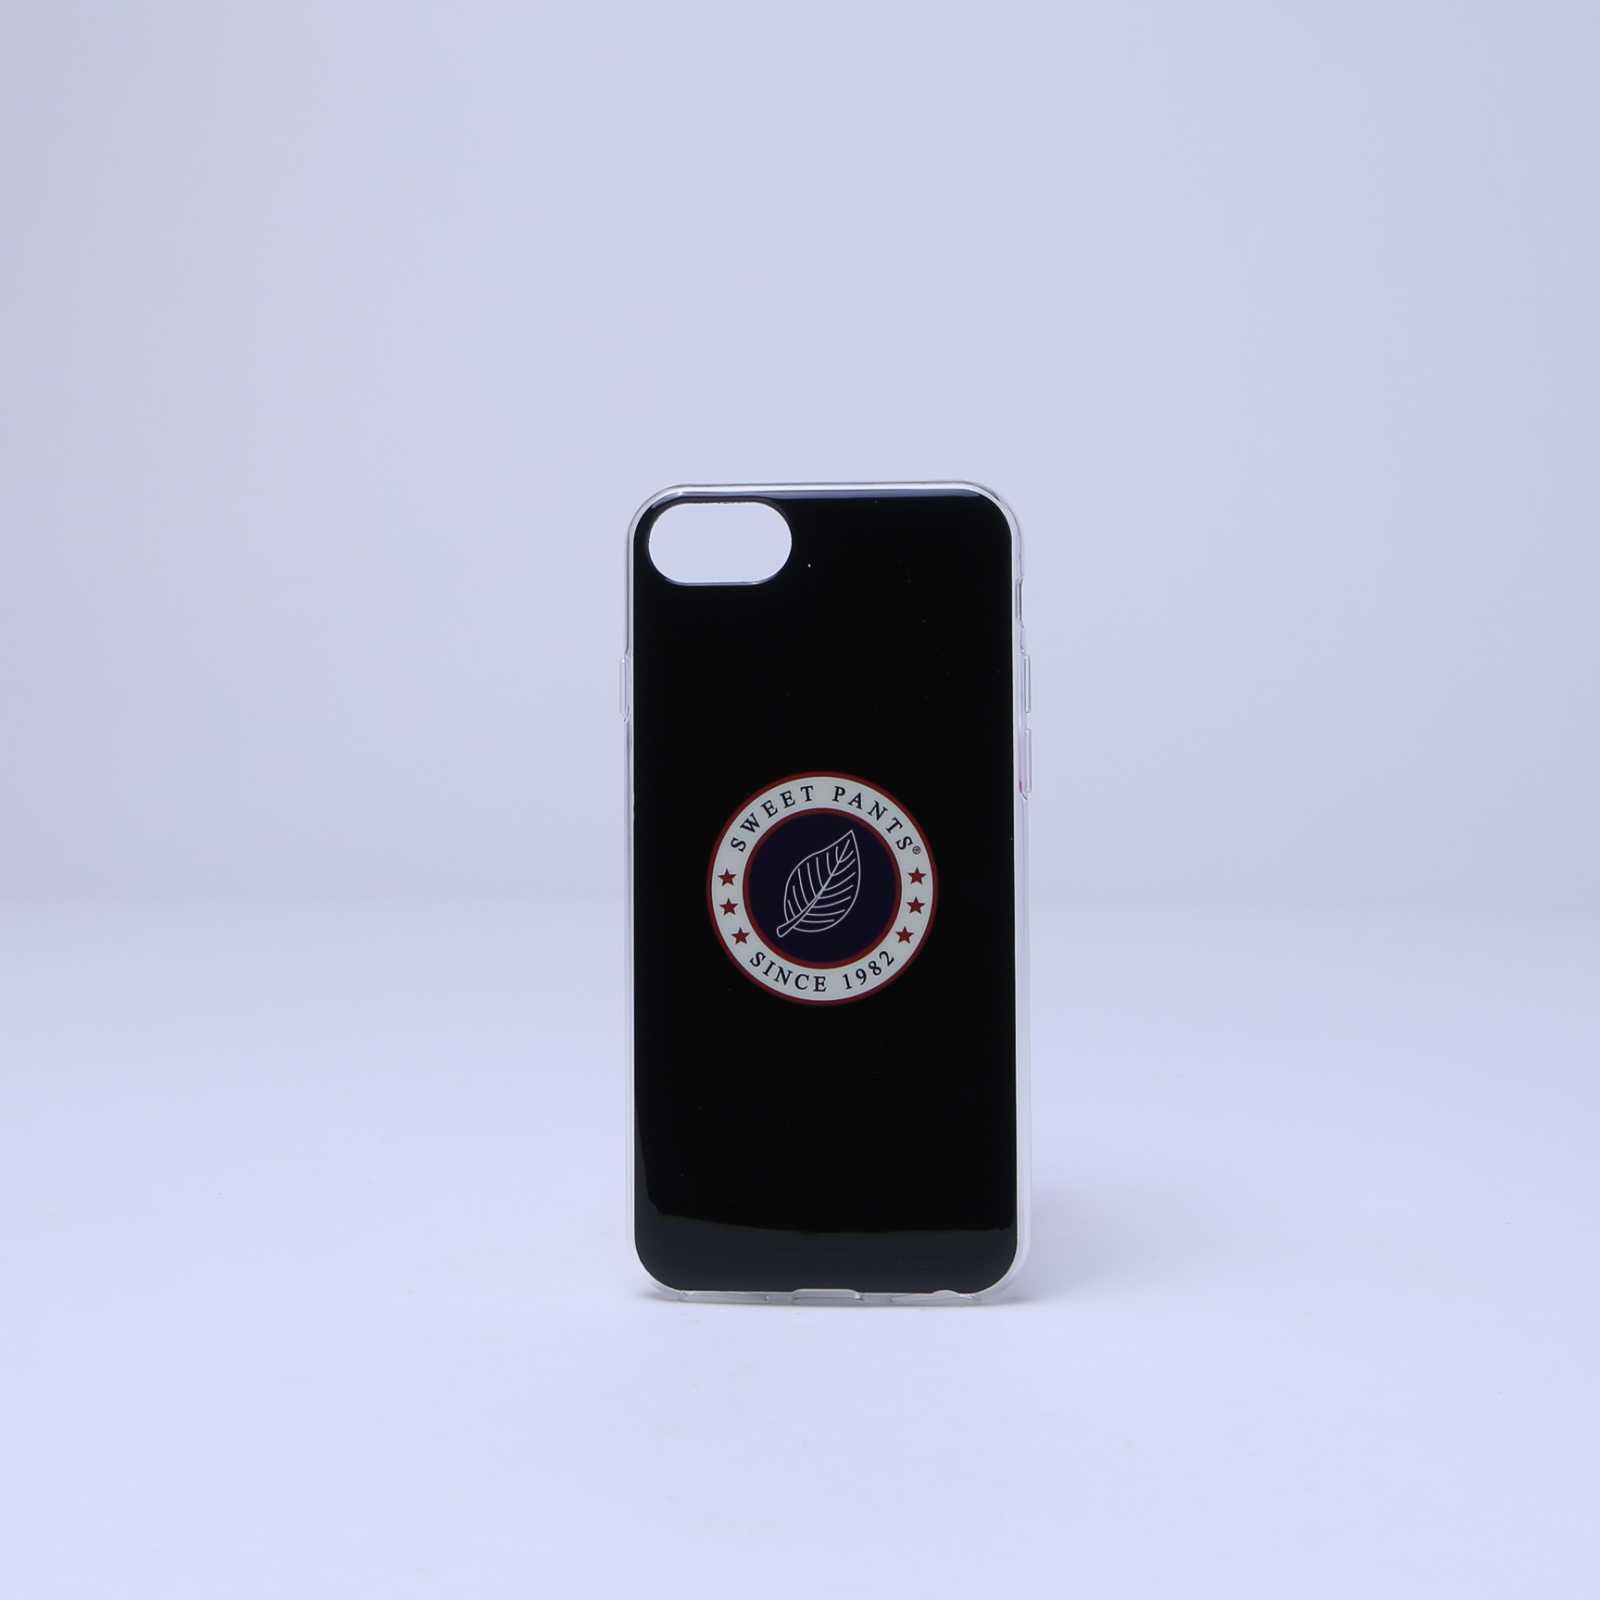 COQUE IPHONE 6 7 8 BLACK